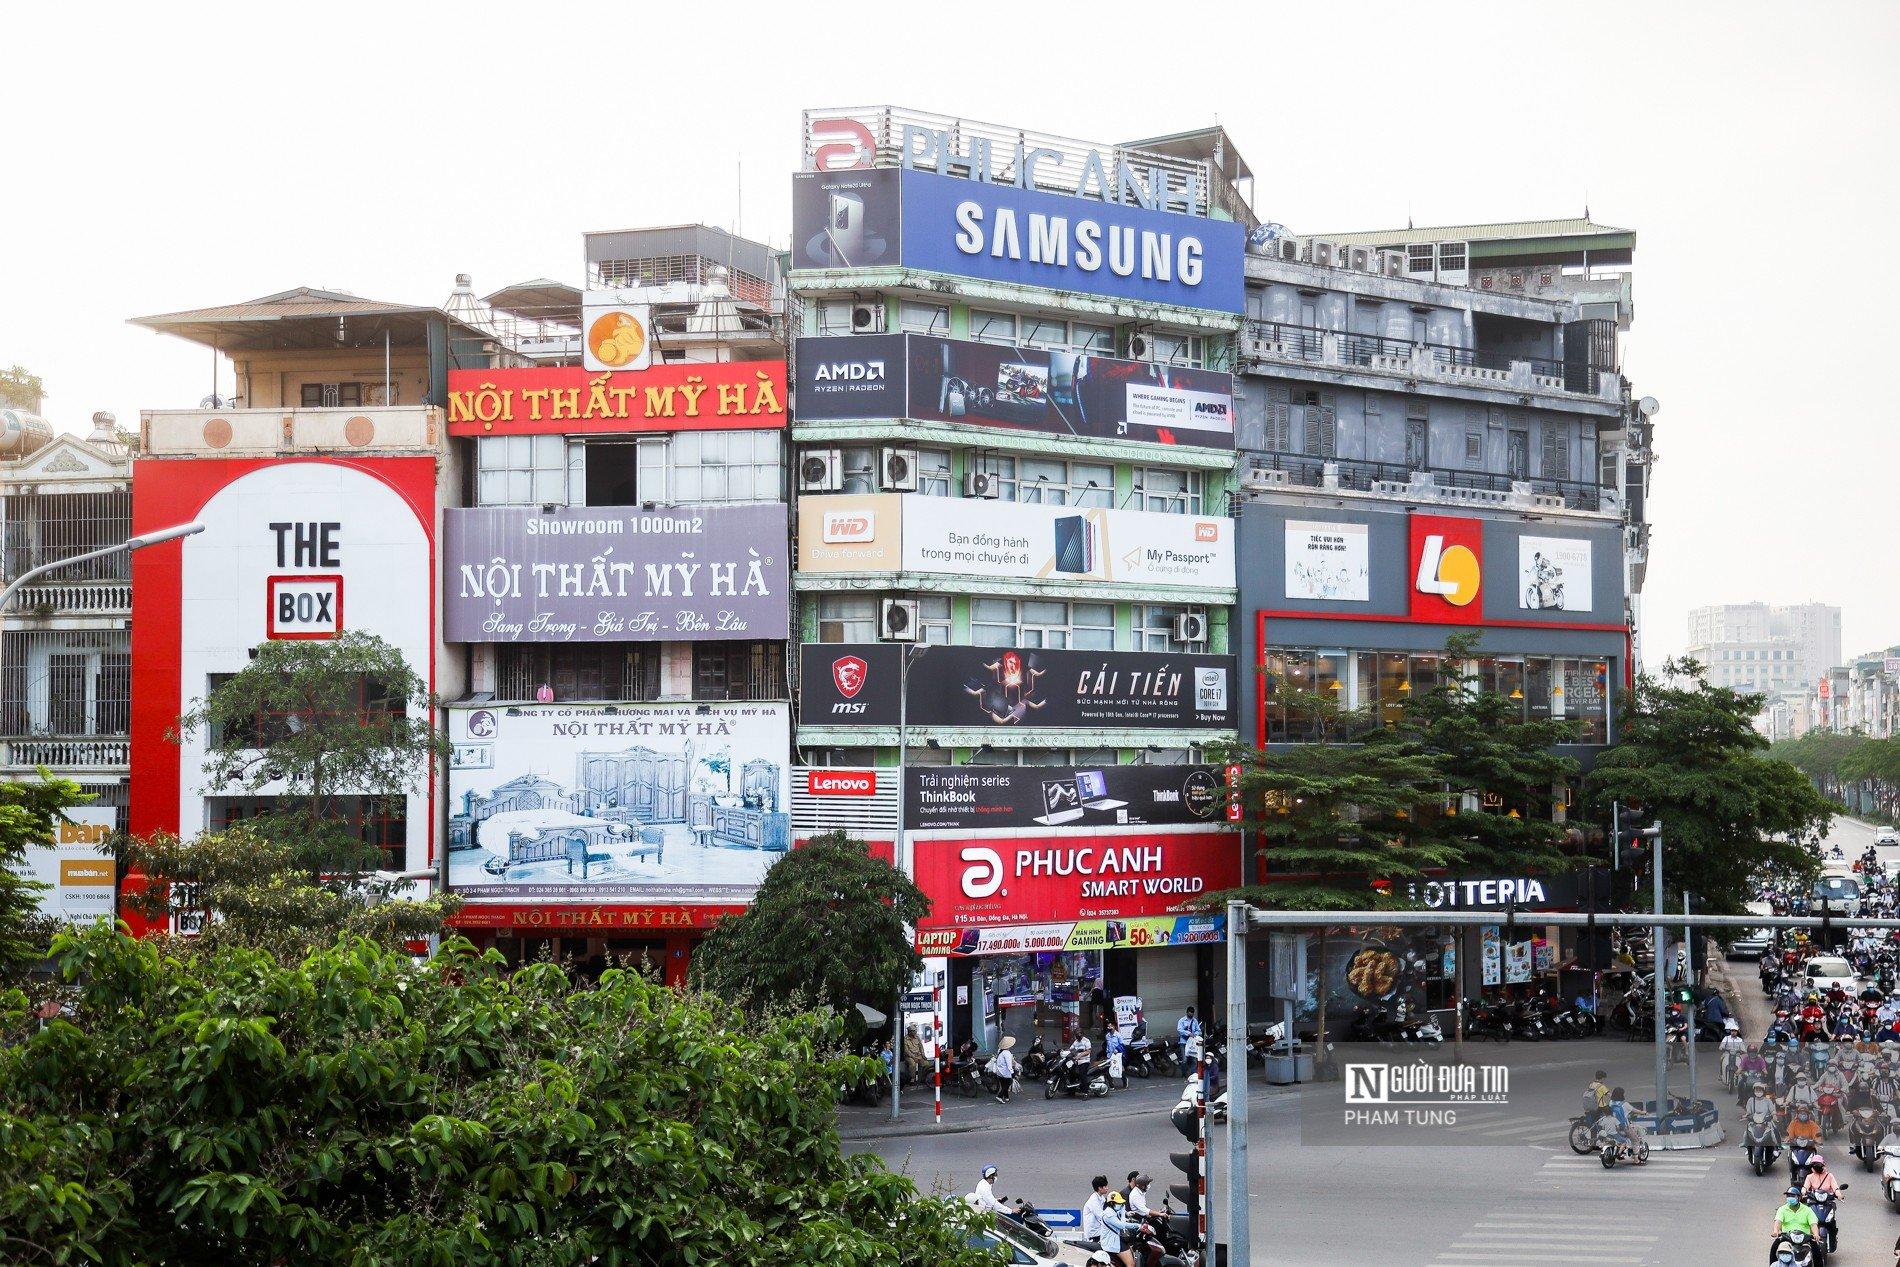 Biển quảng cáo che kín mặt tiền nhà phố - Giải bài toán này thế nào?